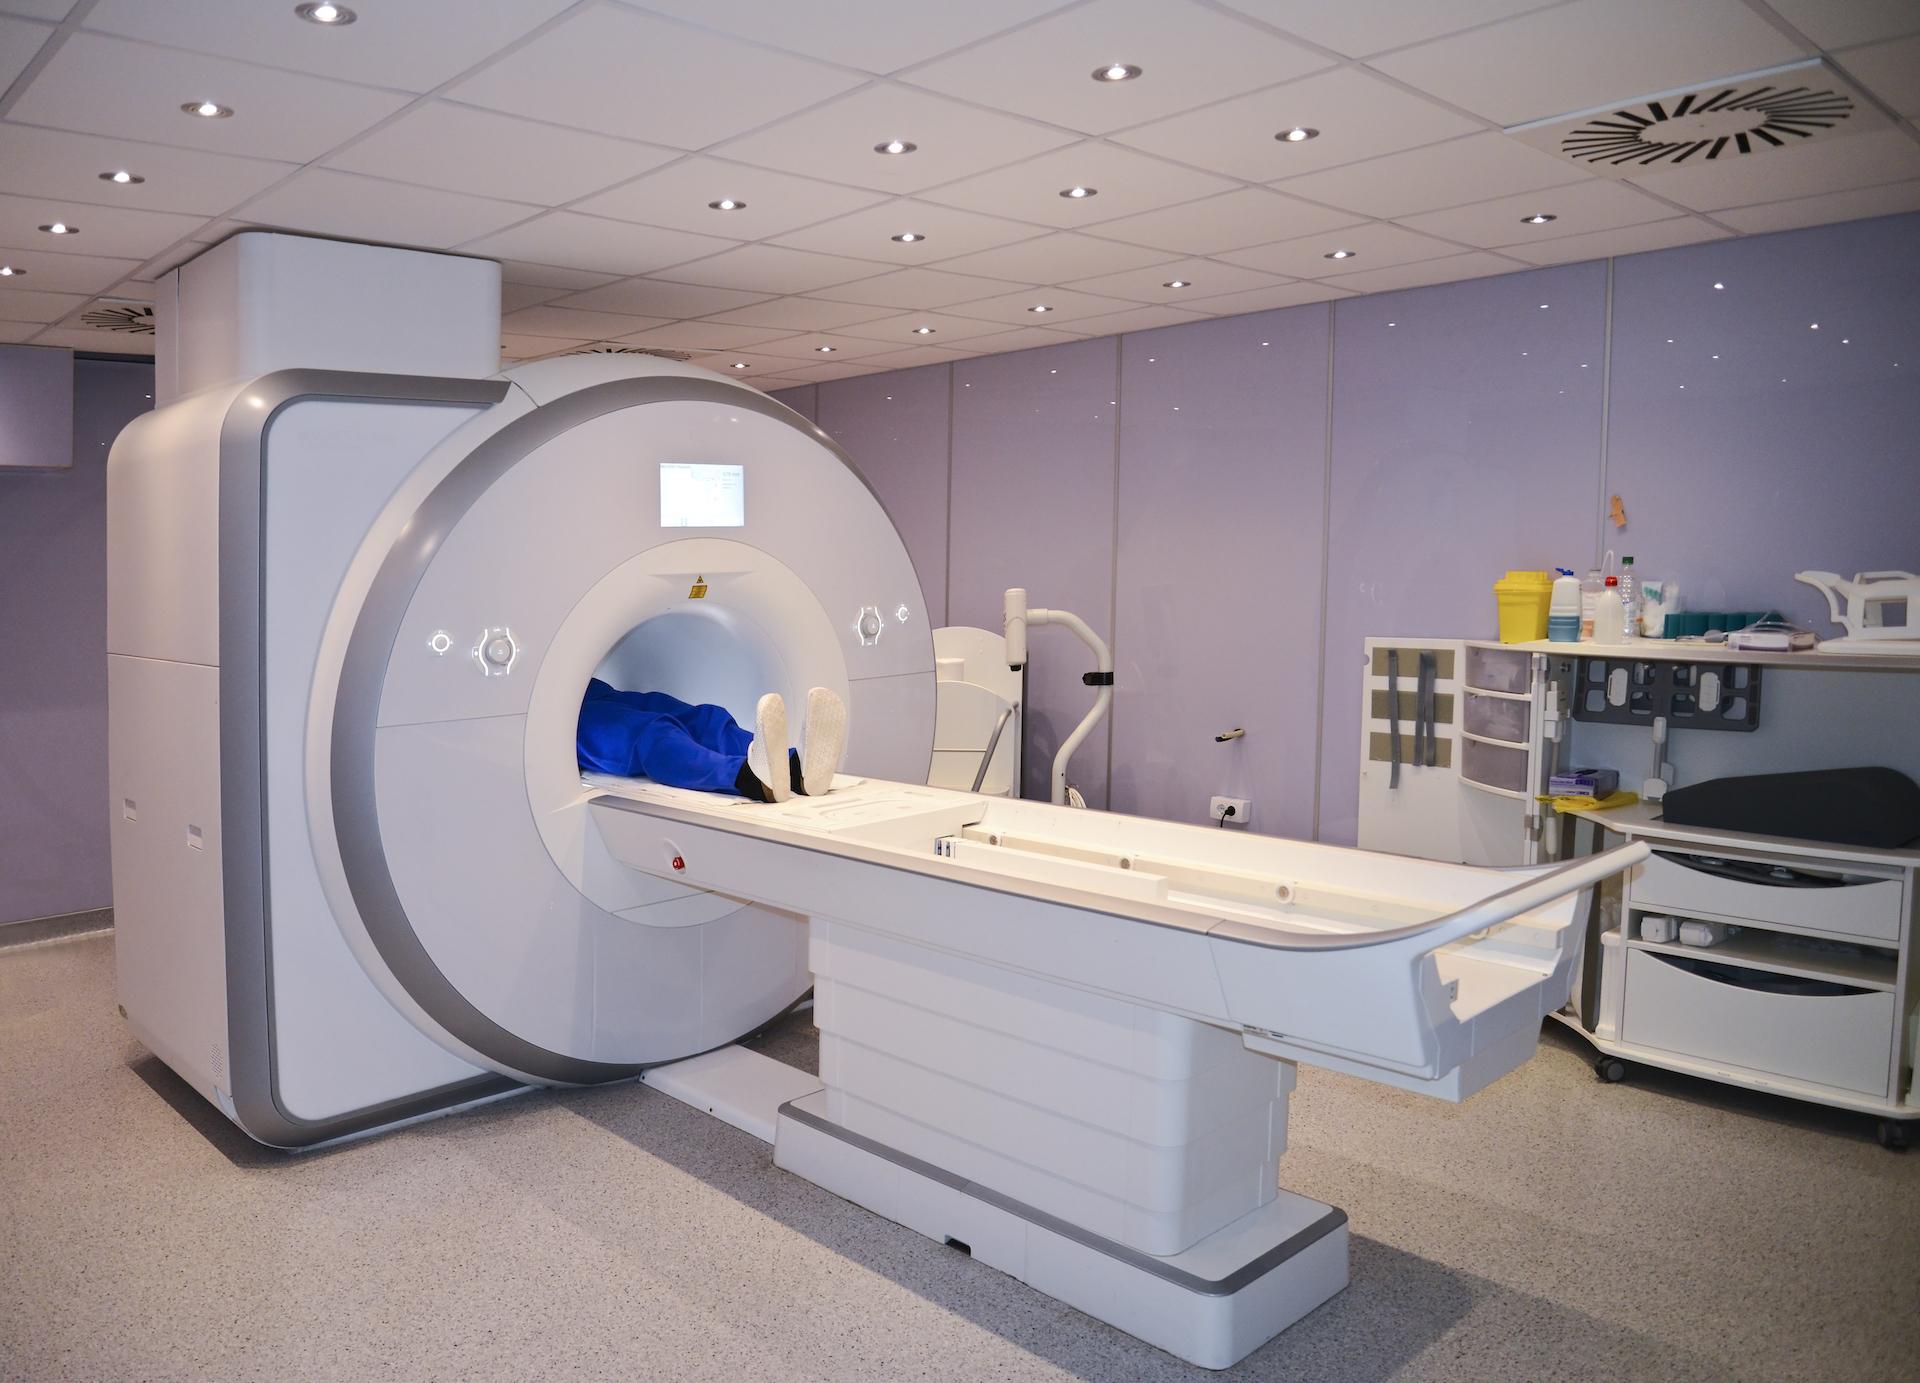 Rezonans magnetyczny - jak wygląda badanie, kiedy jest zalecane? - Zdjęcie główne